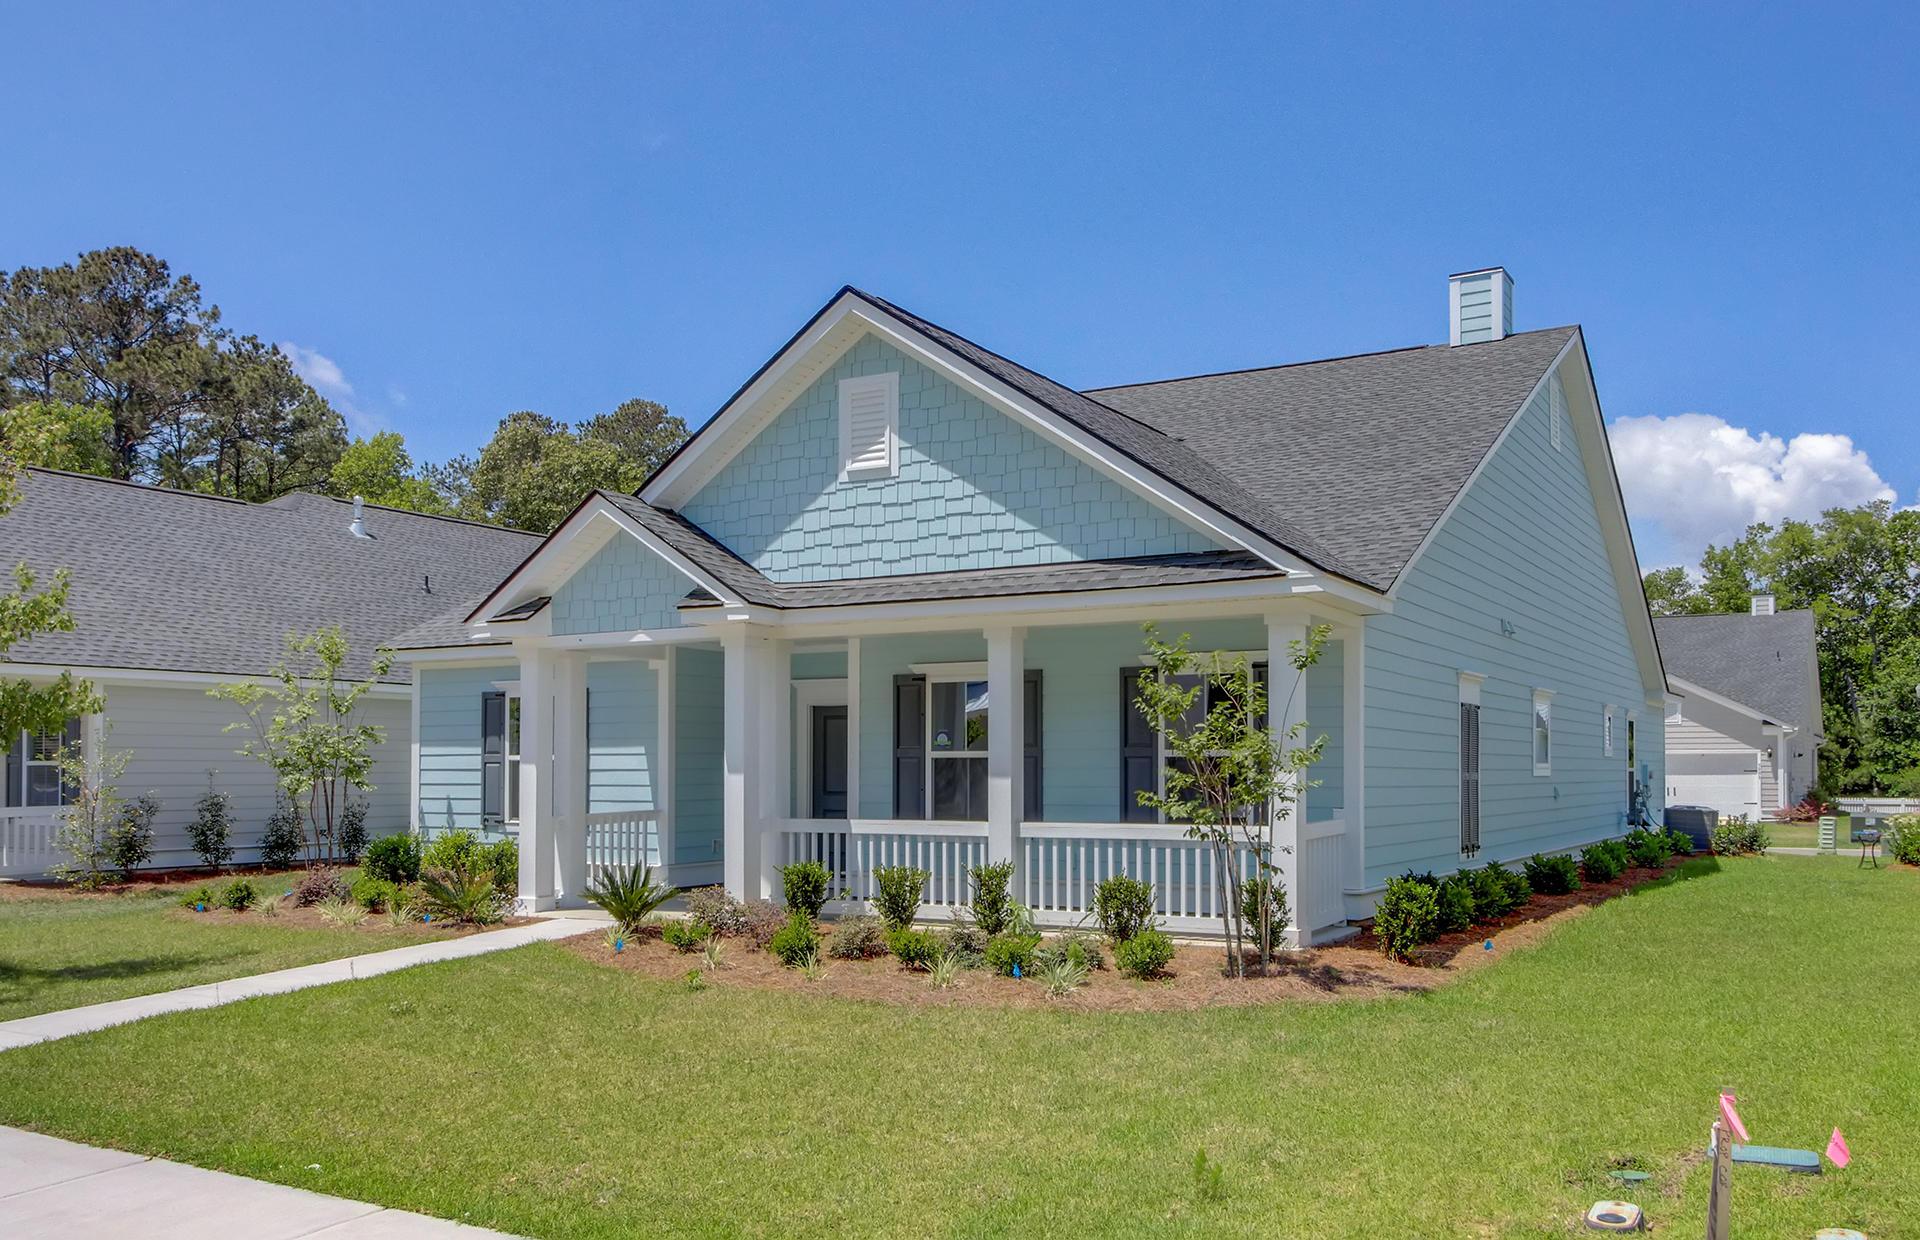 Park West Homes For Sale - 3032 Caspian, Mount Pleasant, SC - 49